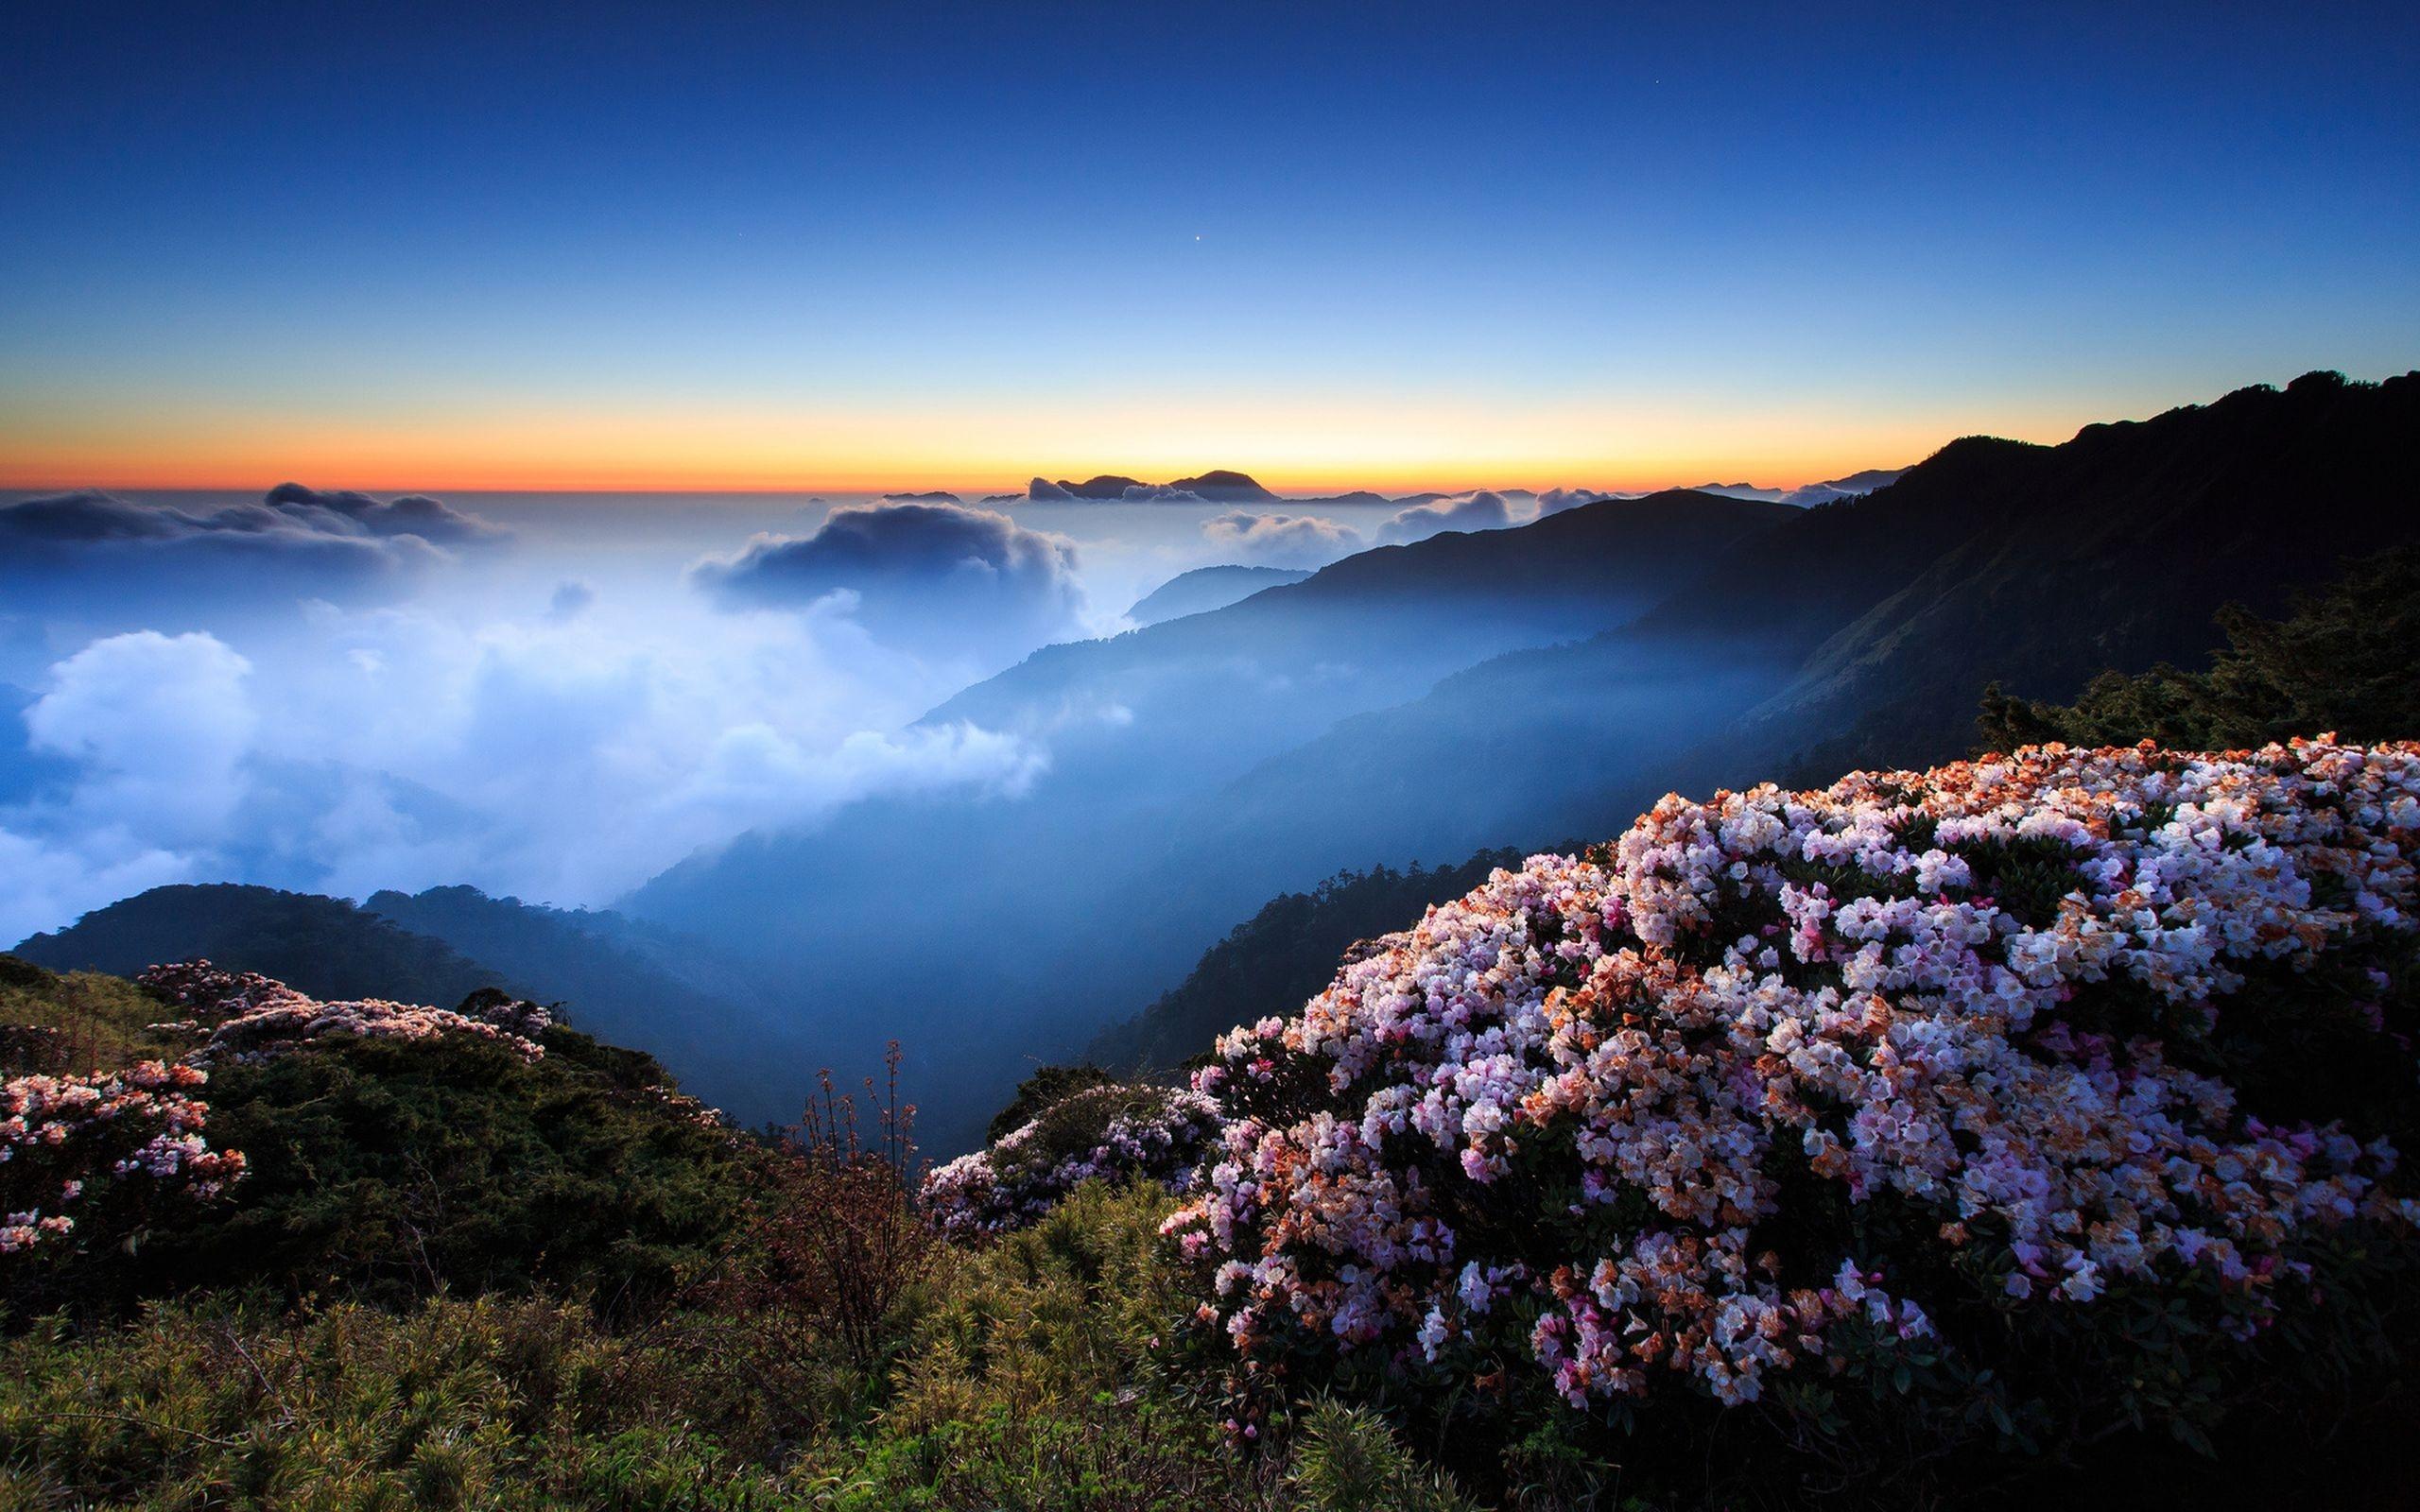 холмы озеро небо закат пейзаж  № 2743199 загрузить